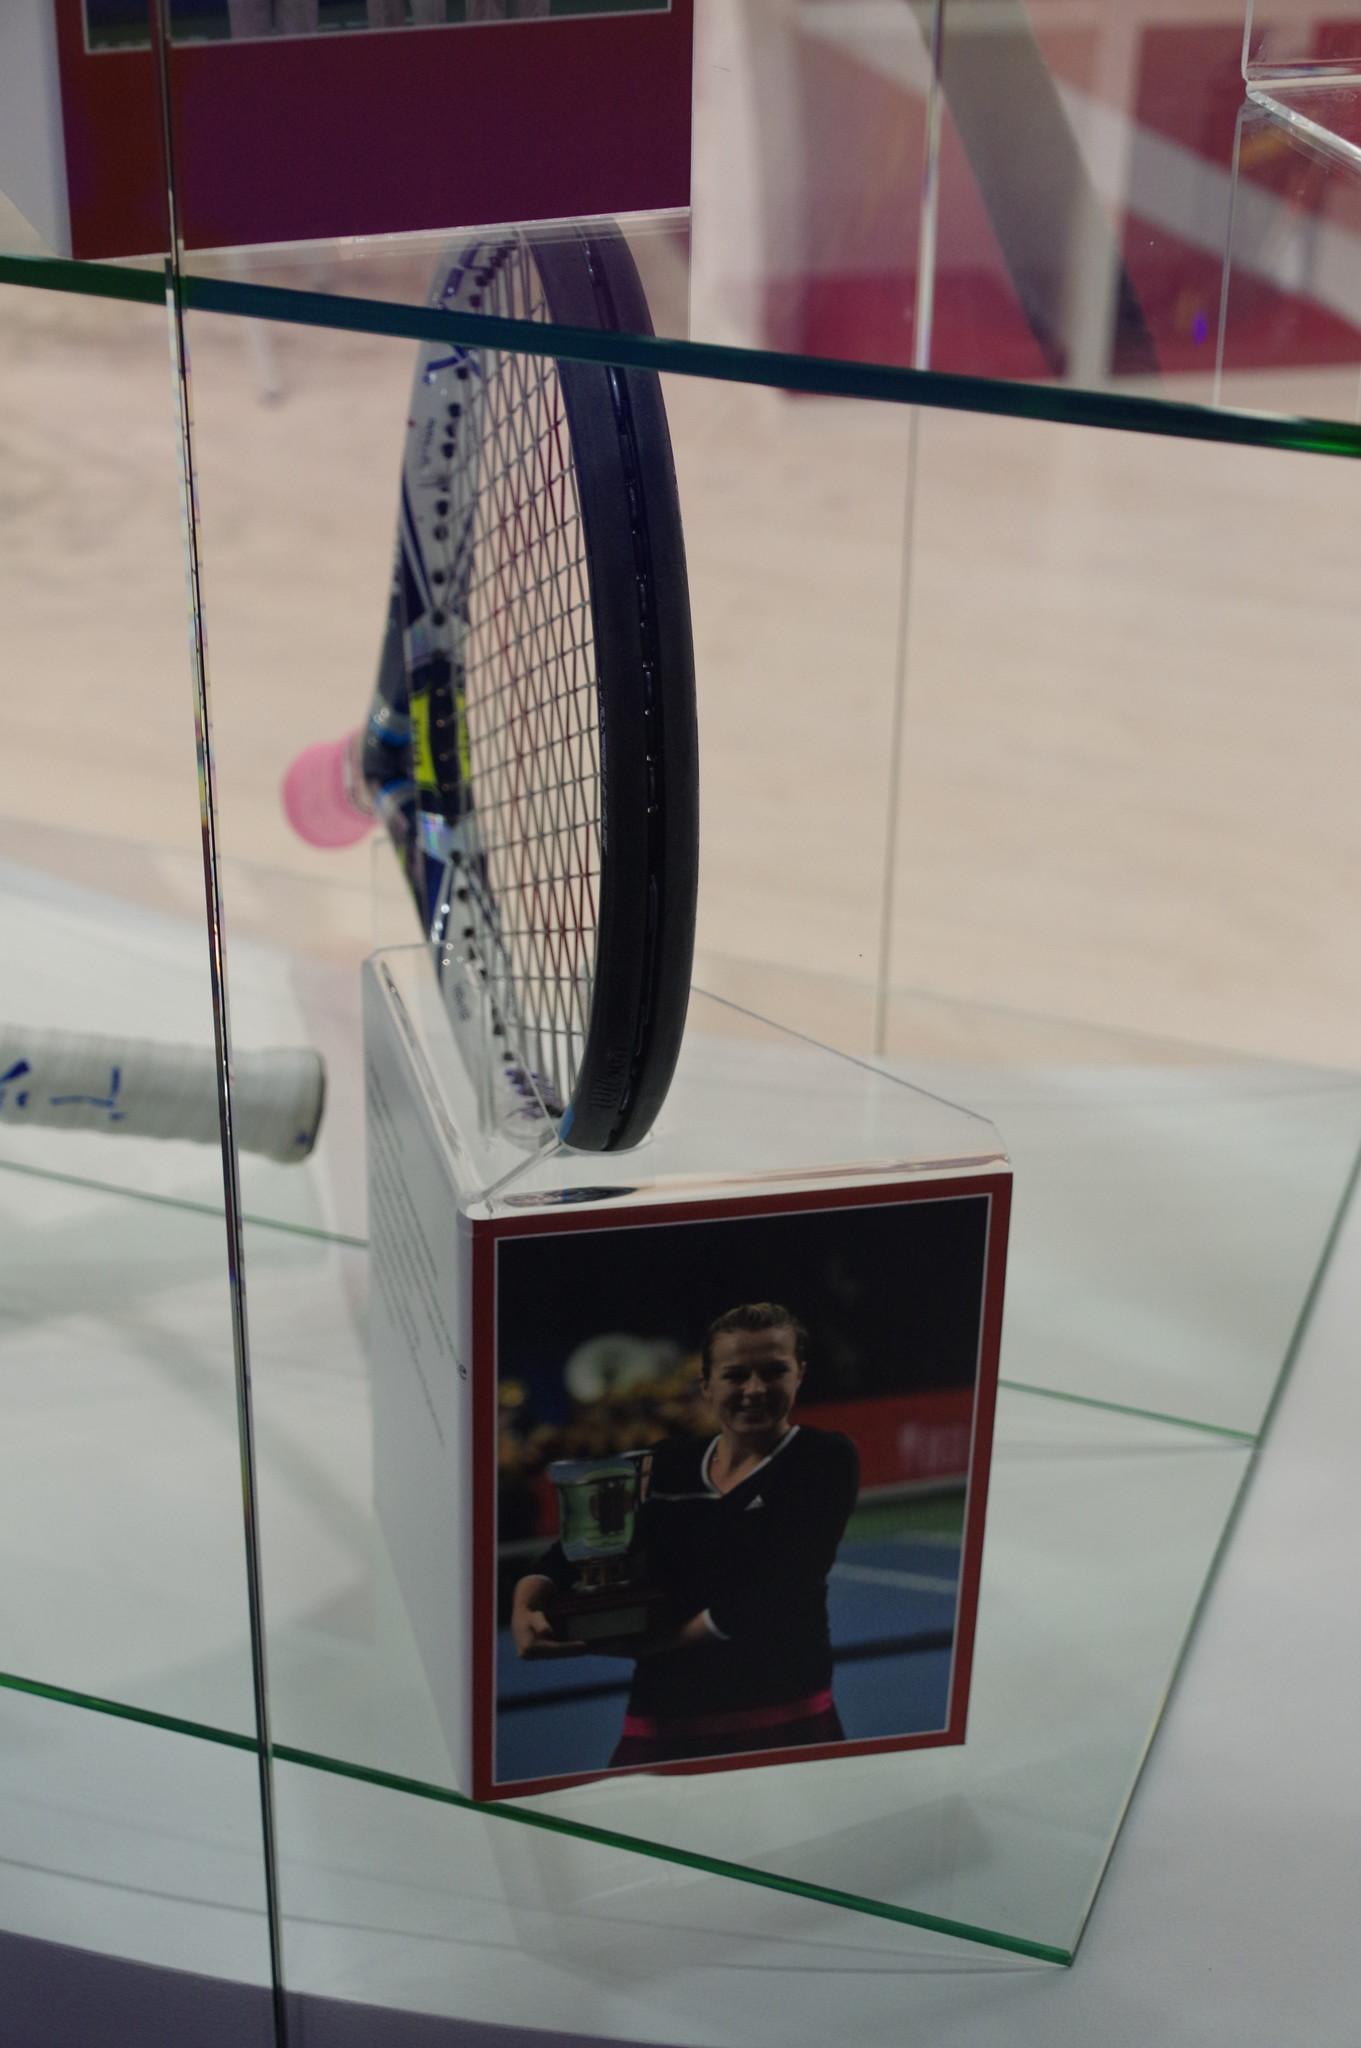 Этой ракеткой Анастасия Павлюченкова одержала победу в финальном матче юбилейного двадцать пятого Международного теннисного турнира «Банк Москвы Кубок Кремля» 2014 года